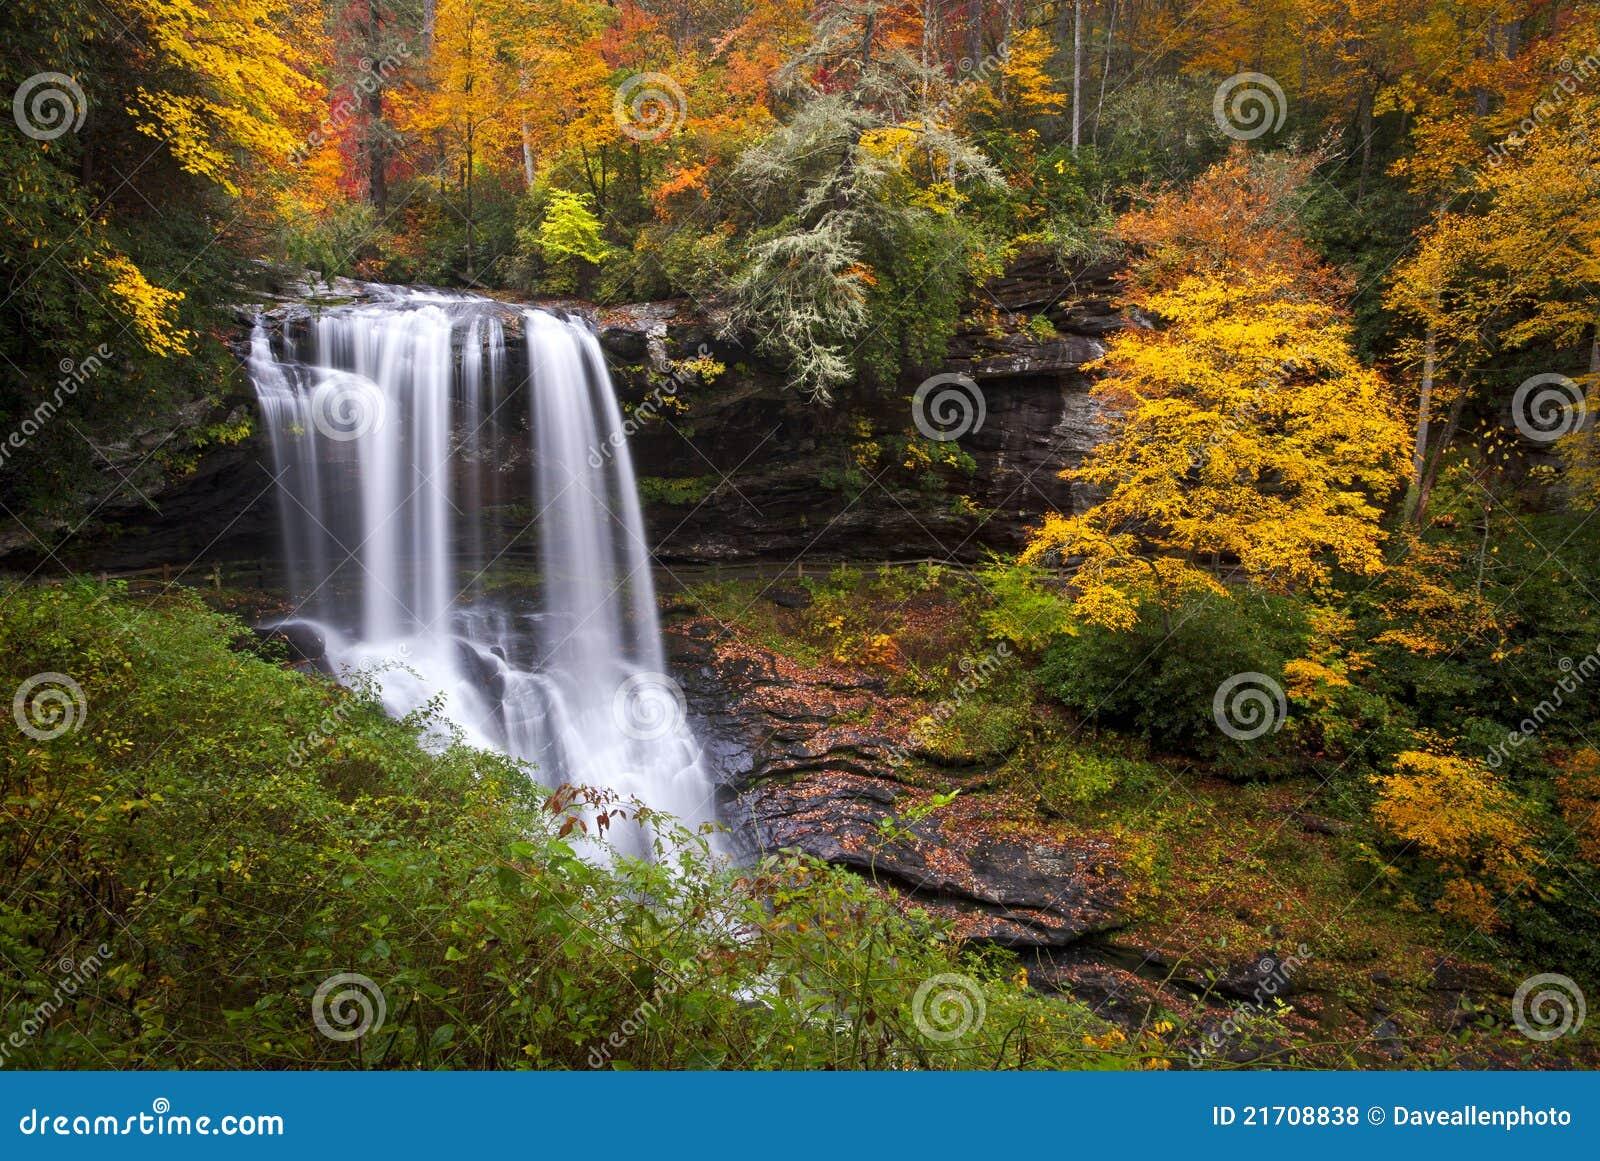 För fallshögland för höst torra vattenfall för nc för berg